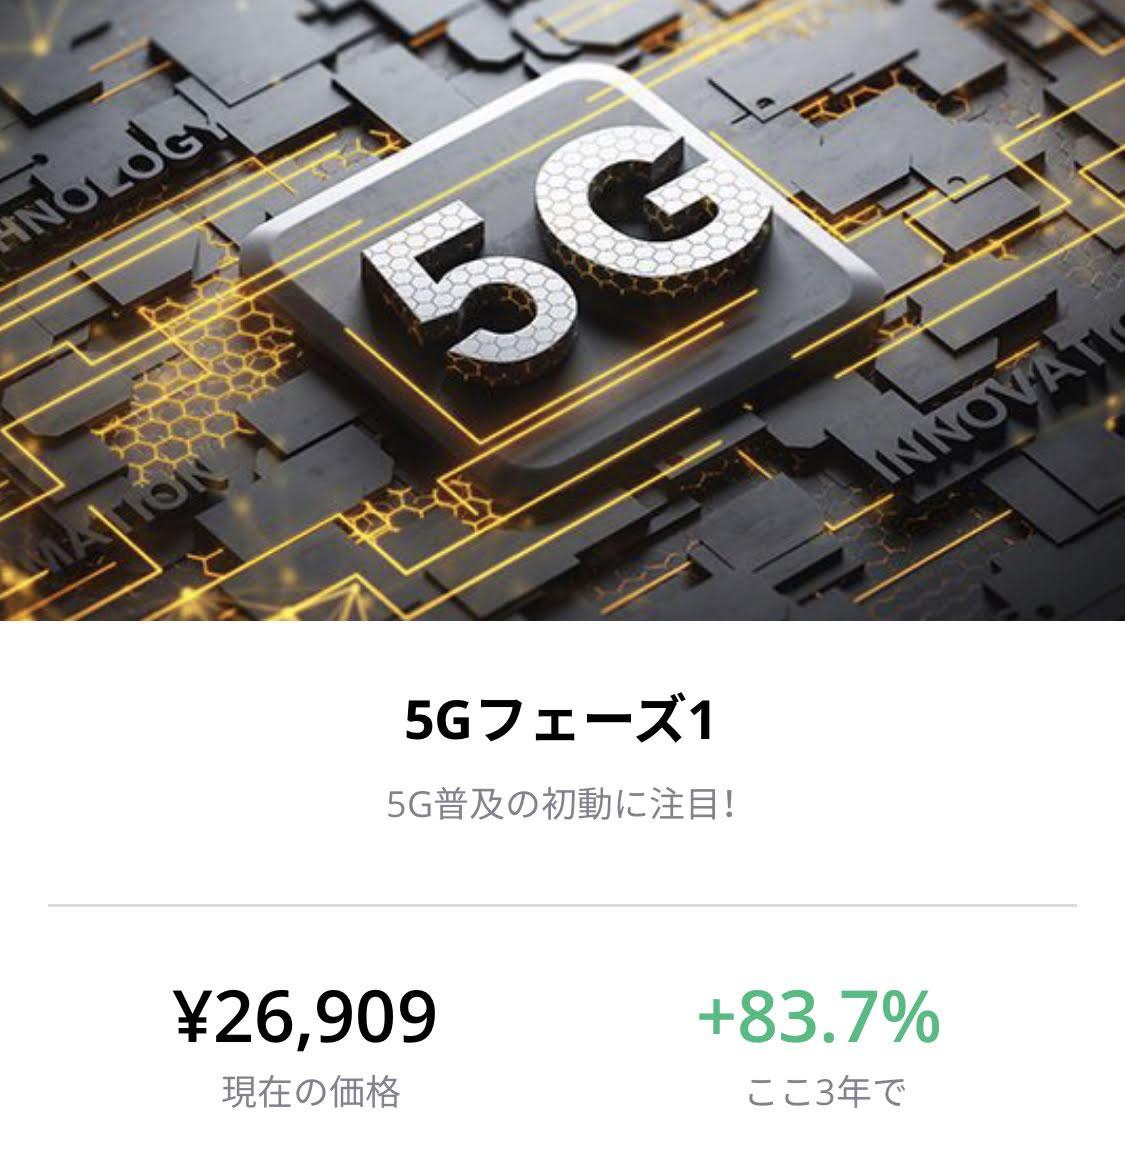 ラインテーマ投資5G